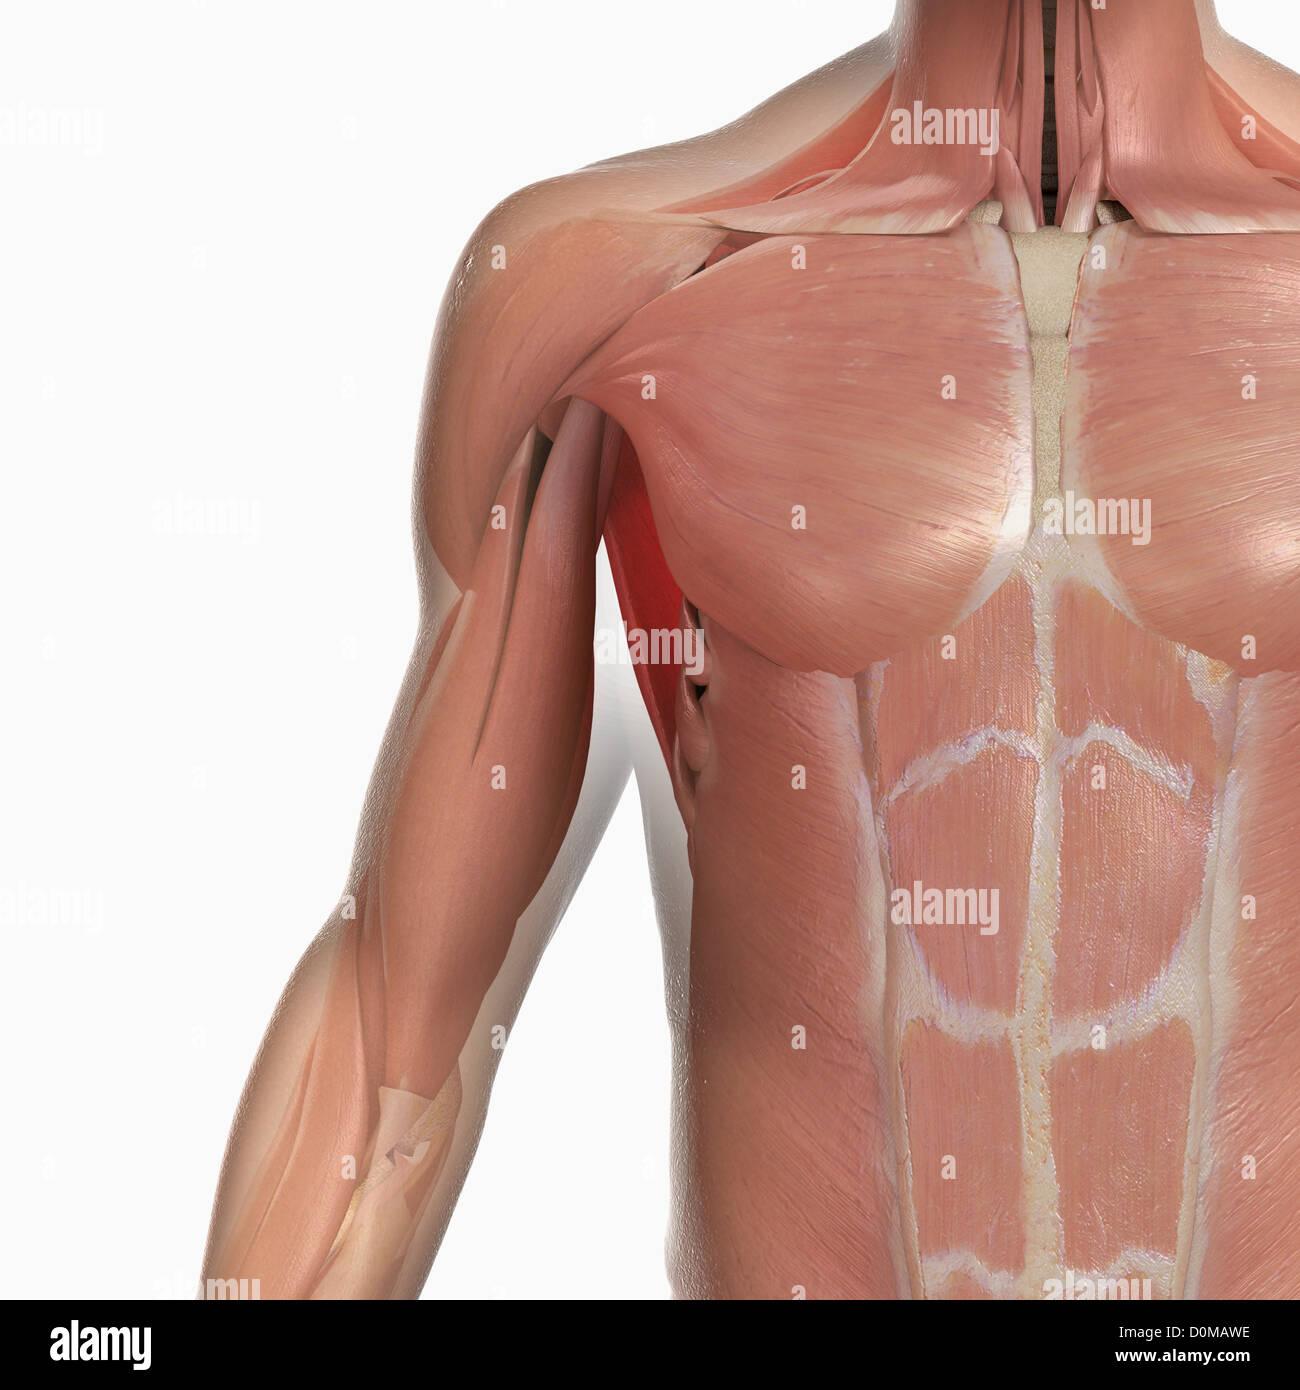 Berühmt Deltoidmuskel Bilder - Anatomie Und Physiologie Knochen ...